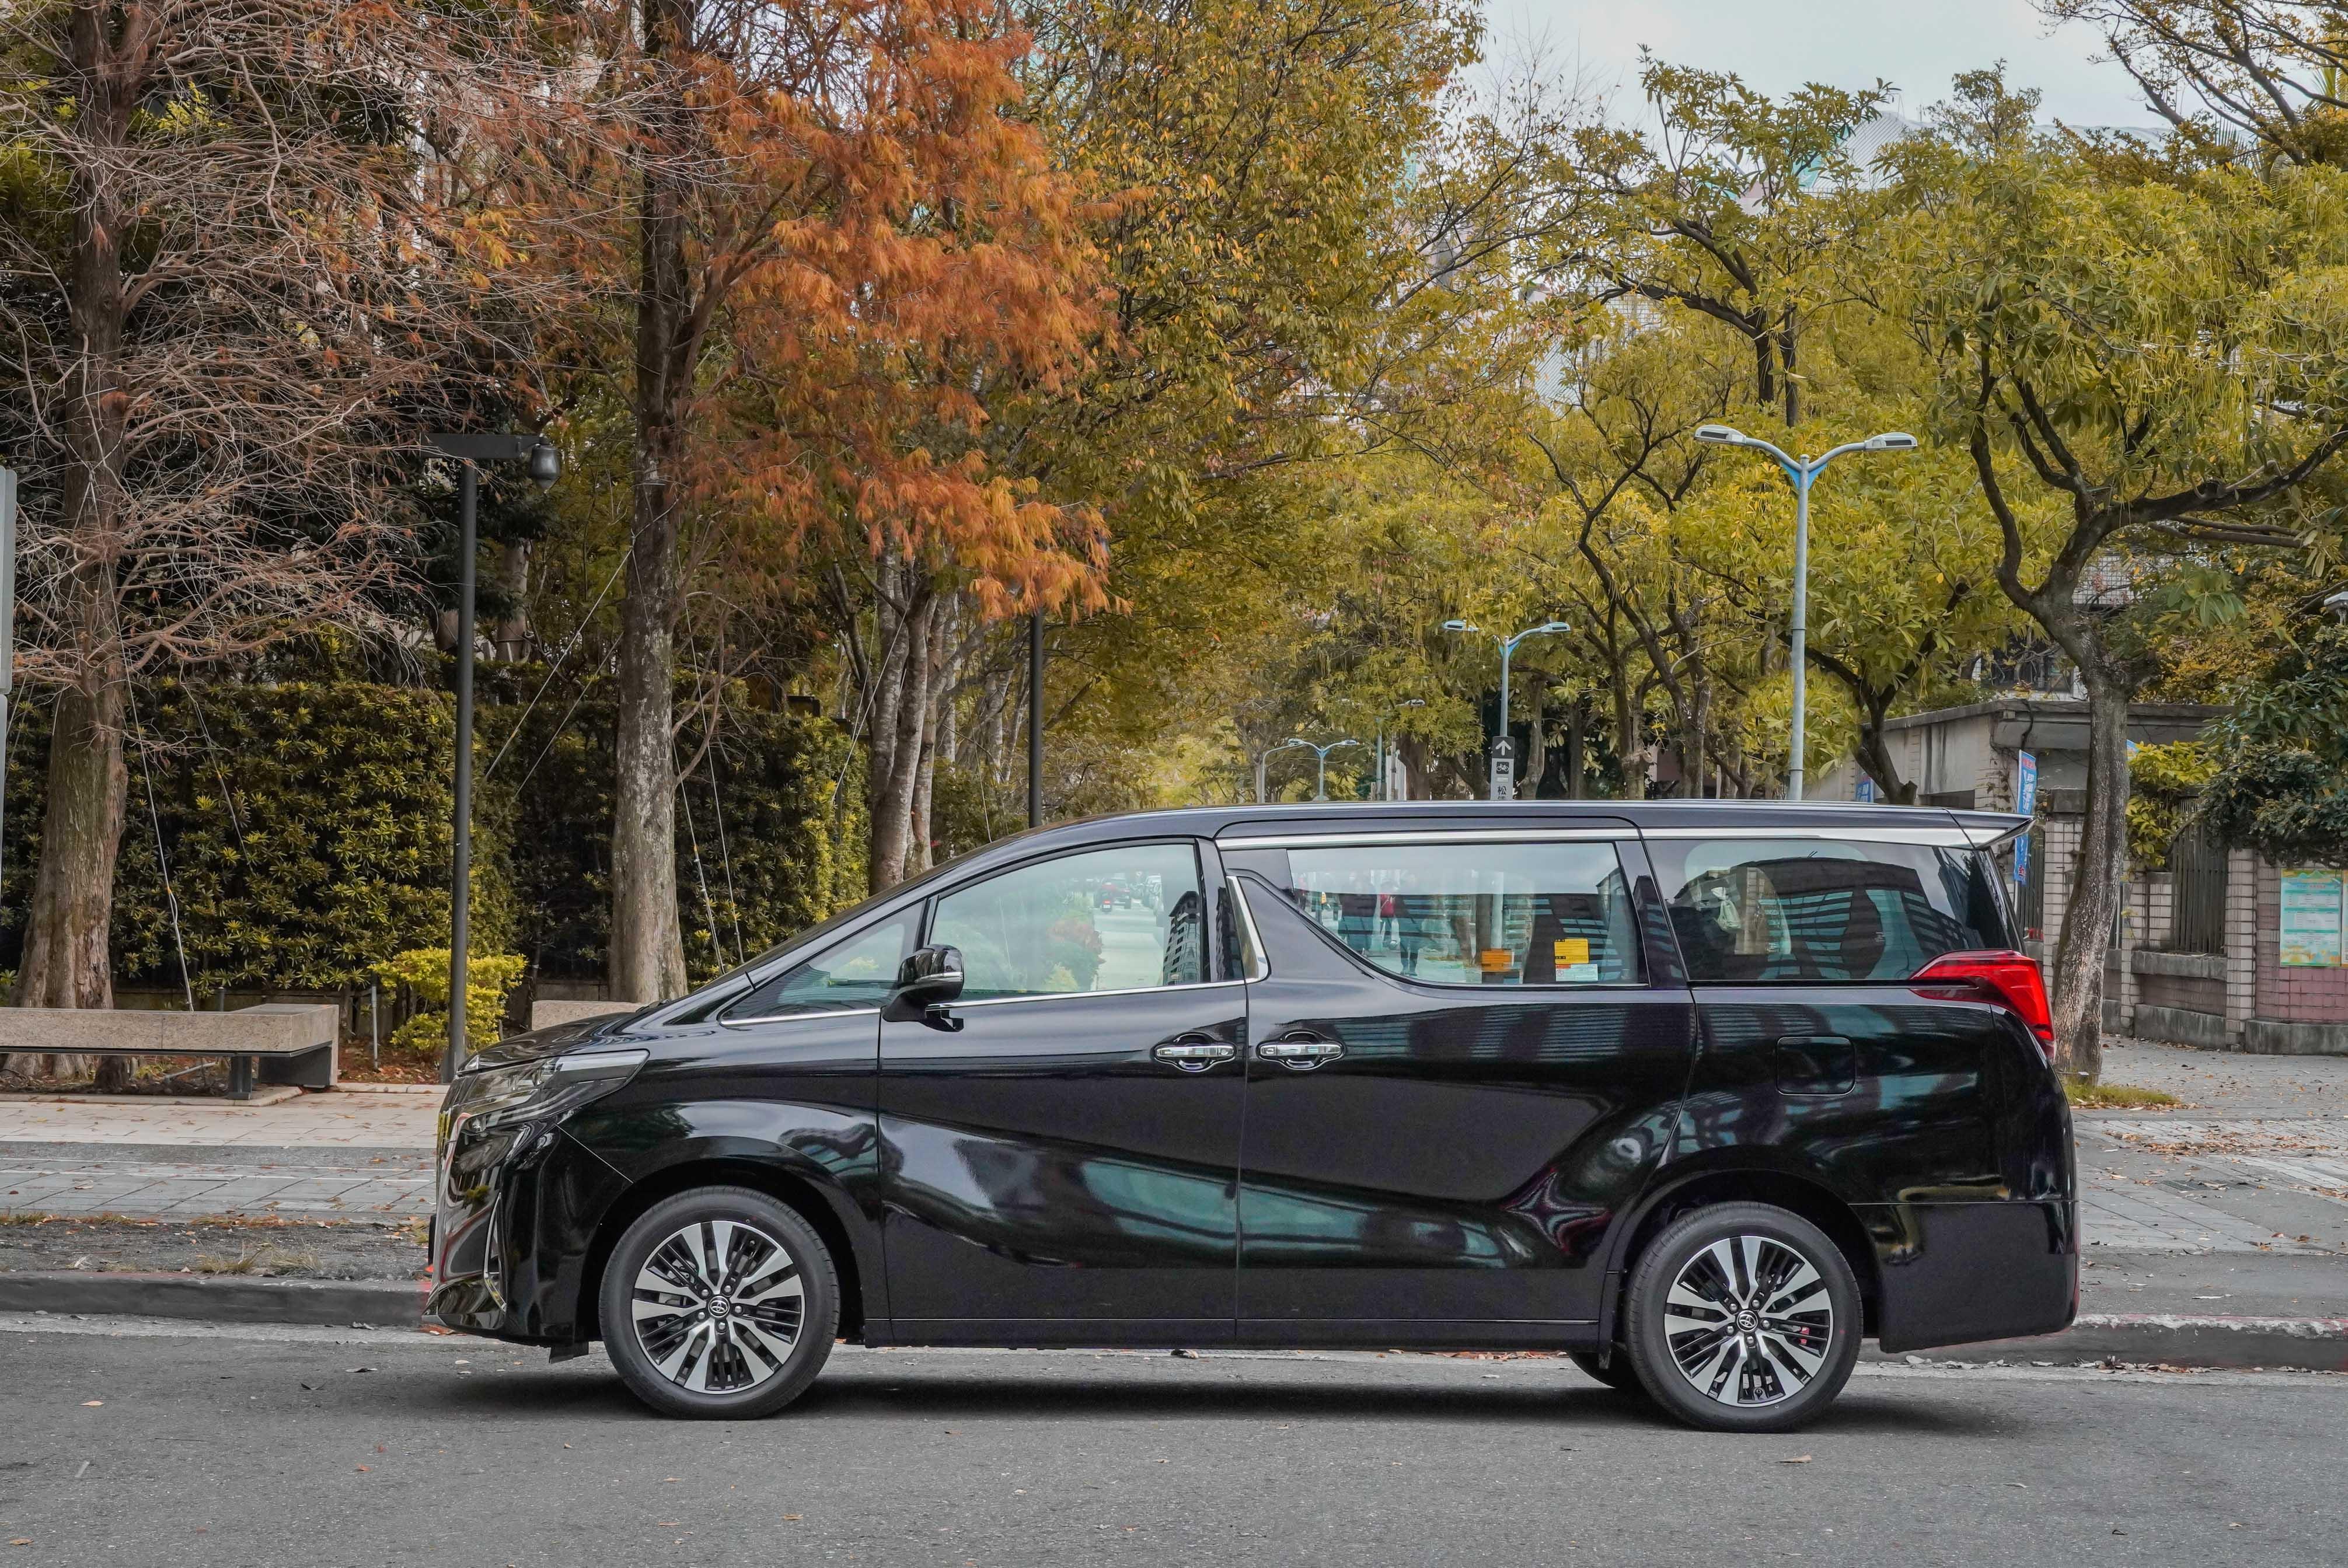 趁著 Toyota Alphard 小改款的機會,首度踏進了這堪稱豪華行宮的車內。